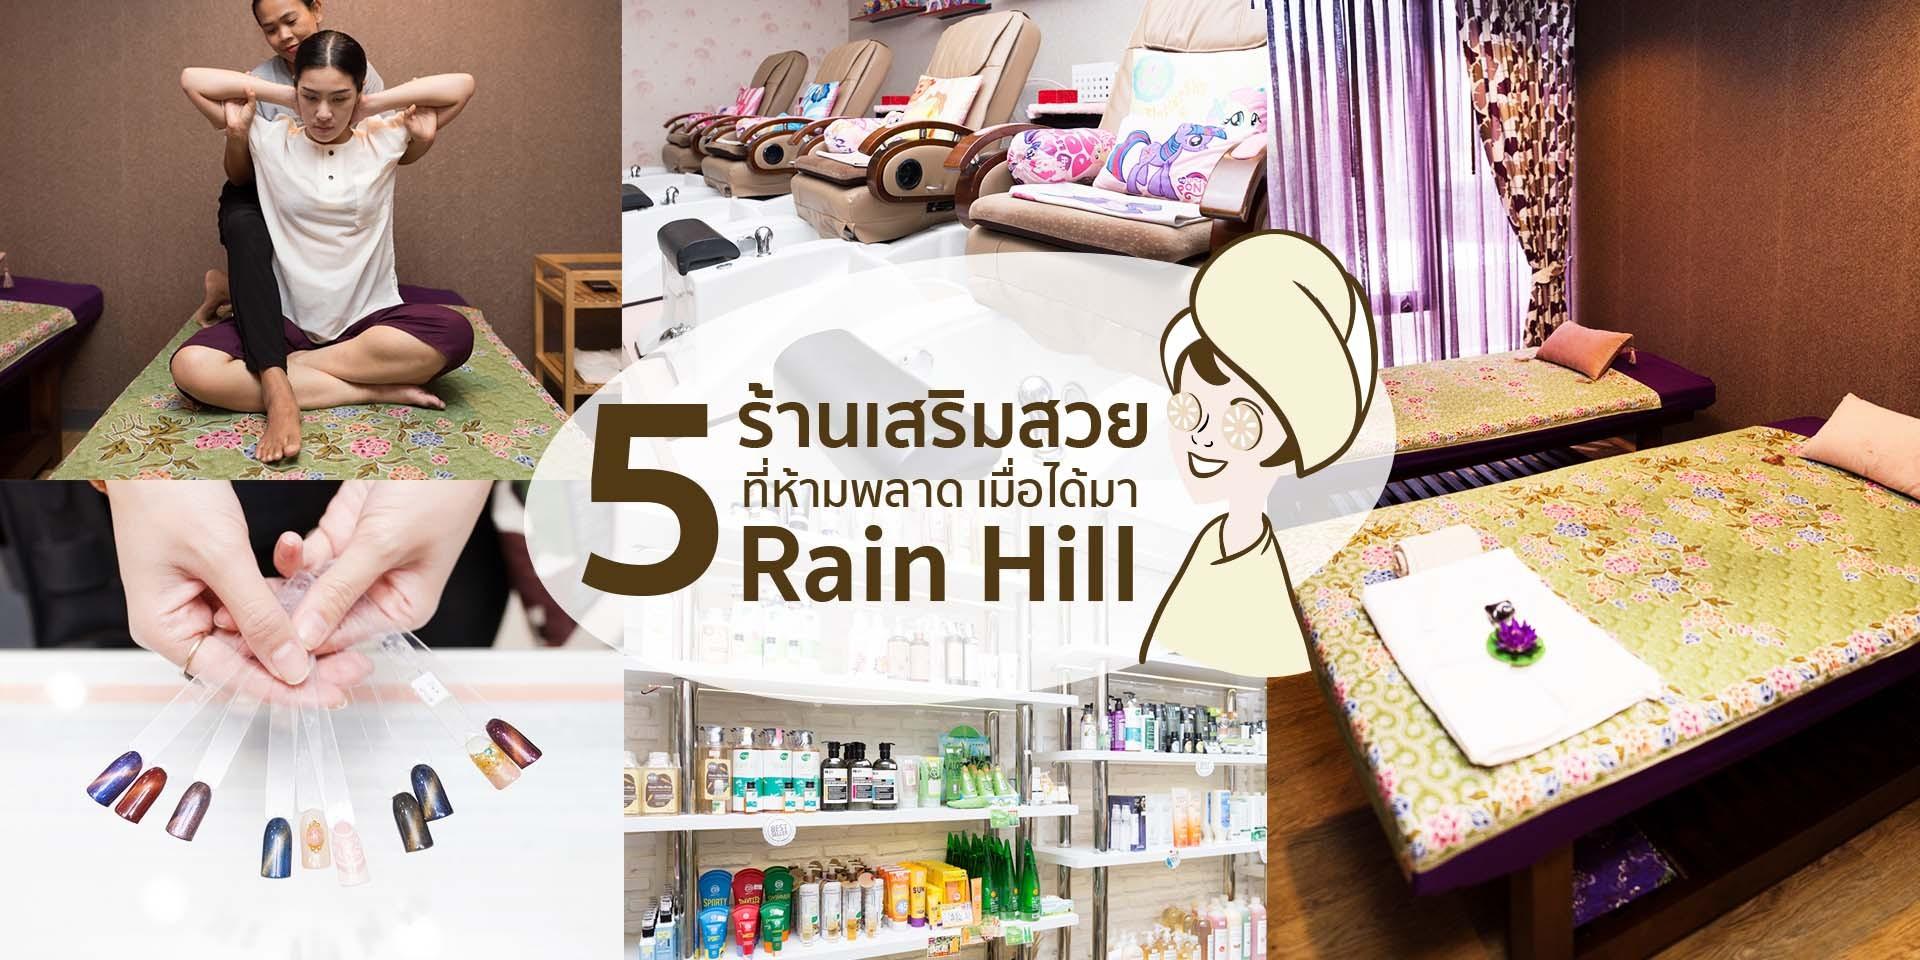 ร้านเสริมสวย 5 ร้านที่ห้ามพลาด เมื่อได้มา Rain Hill สุขุมวิท 47